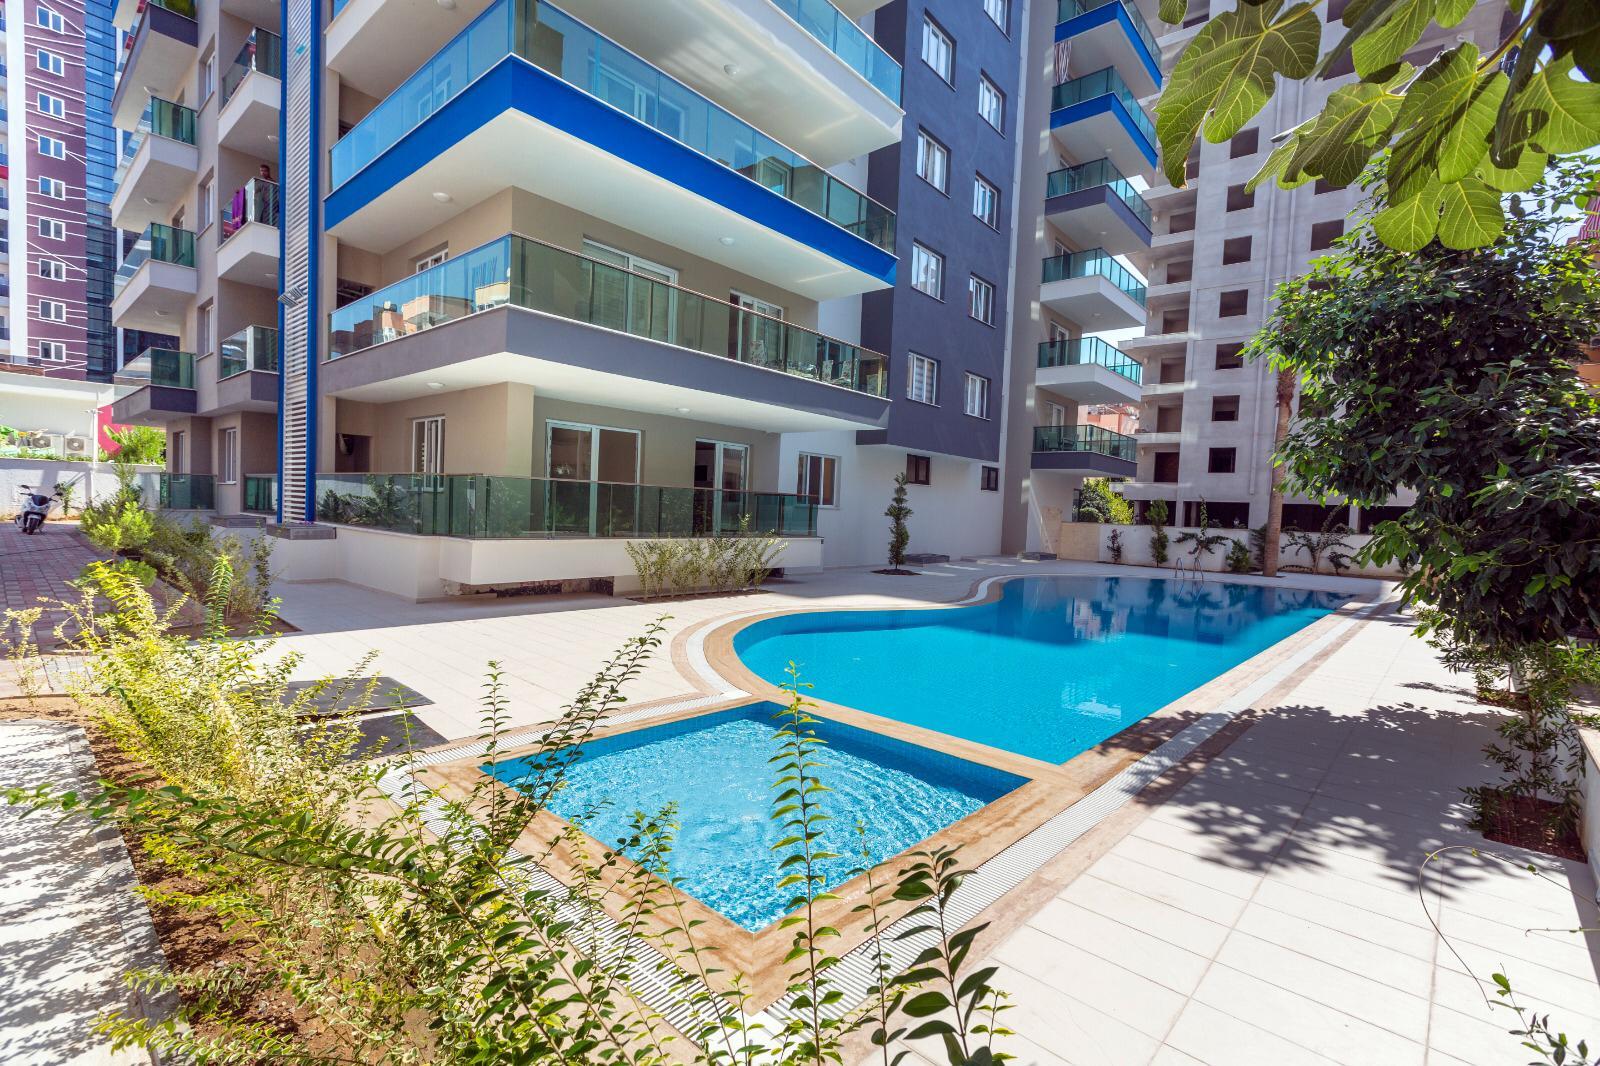 Продается квартира в Алании, Турция, у моря